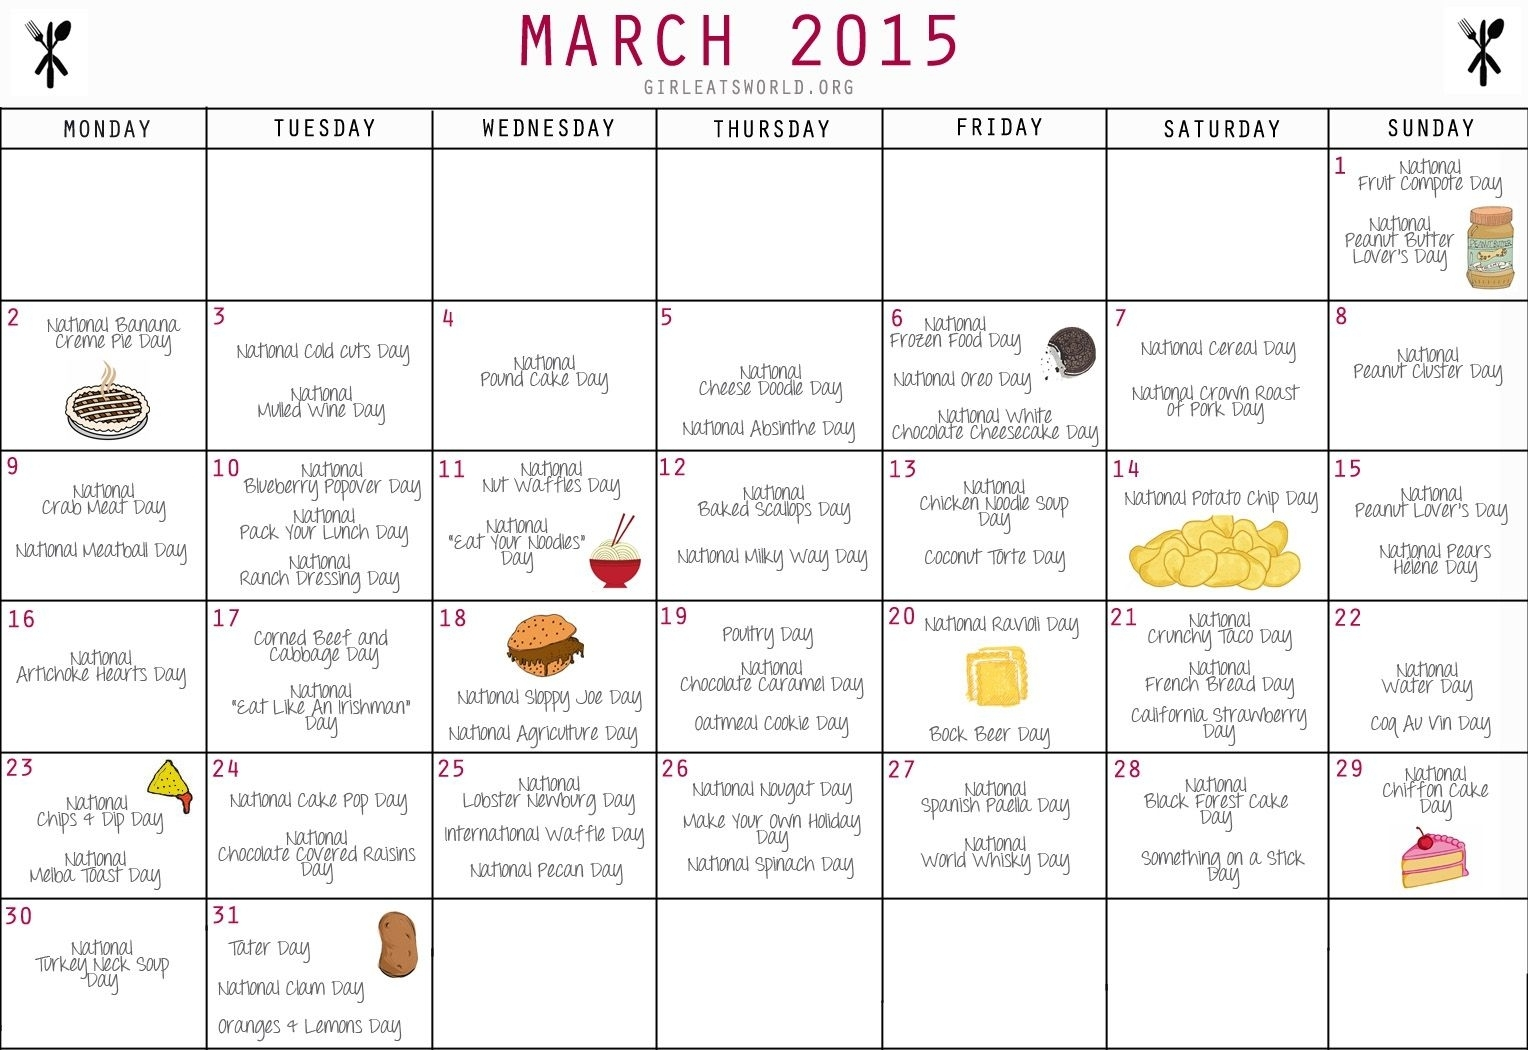 National Food Day Calendar Printable Printable Calendar 2018 intended for National Food Of The Day Calendar